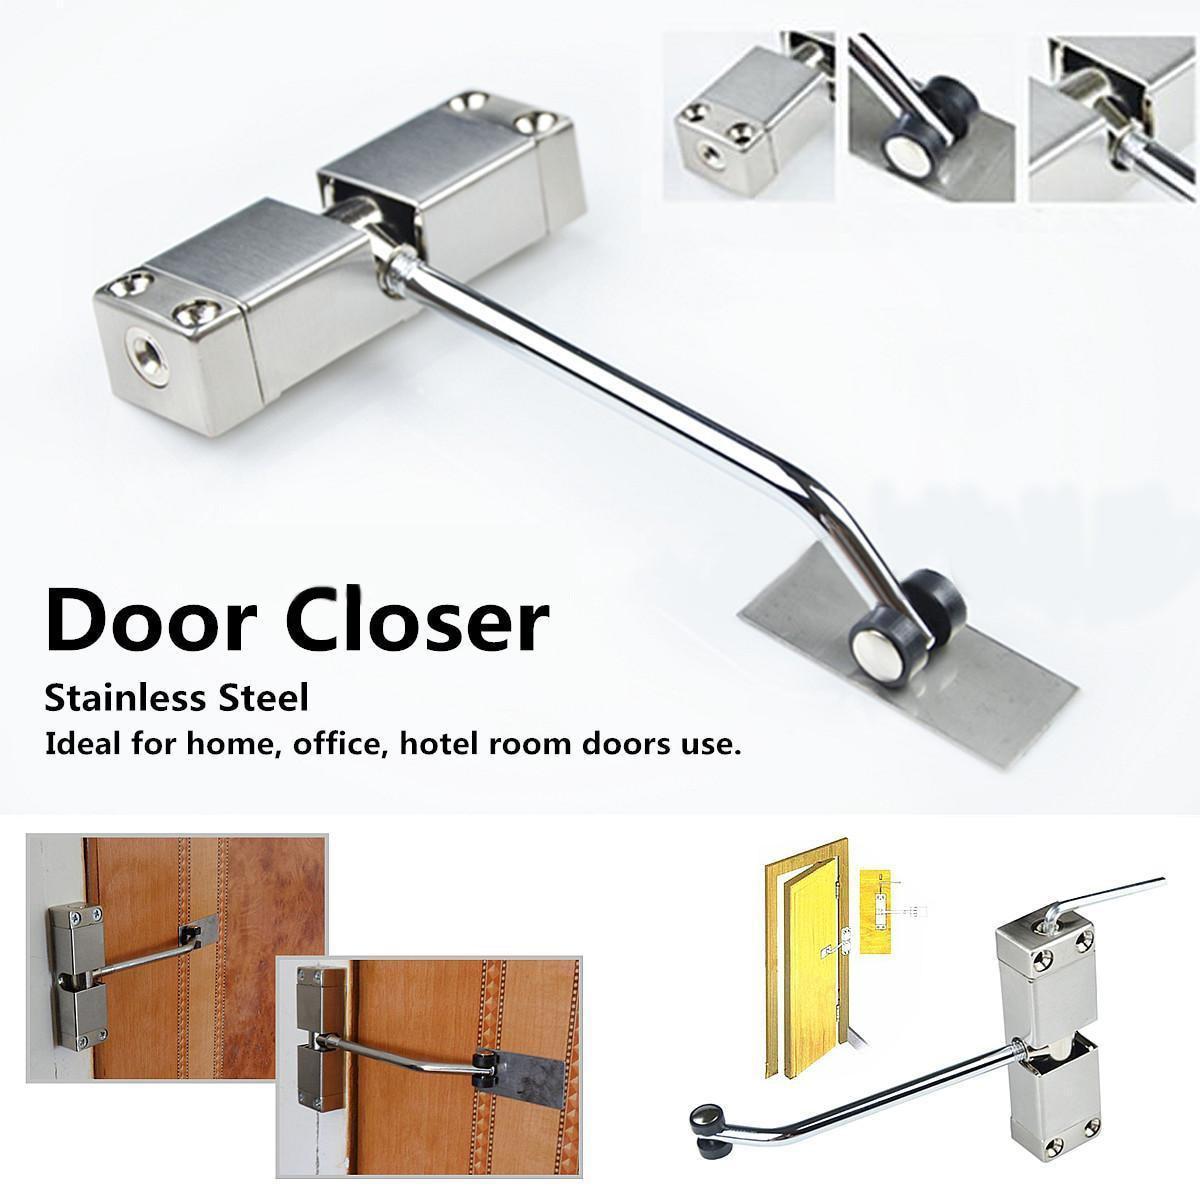 التلقائي شنت الربيع الباب أقرب الفولاذ المقاوم للصدأ قابل للتعديل سطح الباب أقرب 160x96x20mm